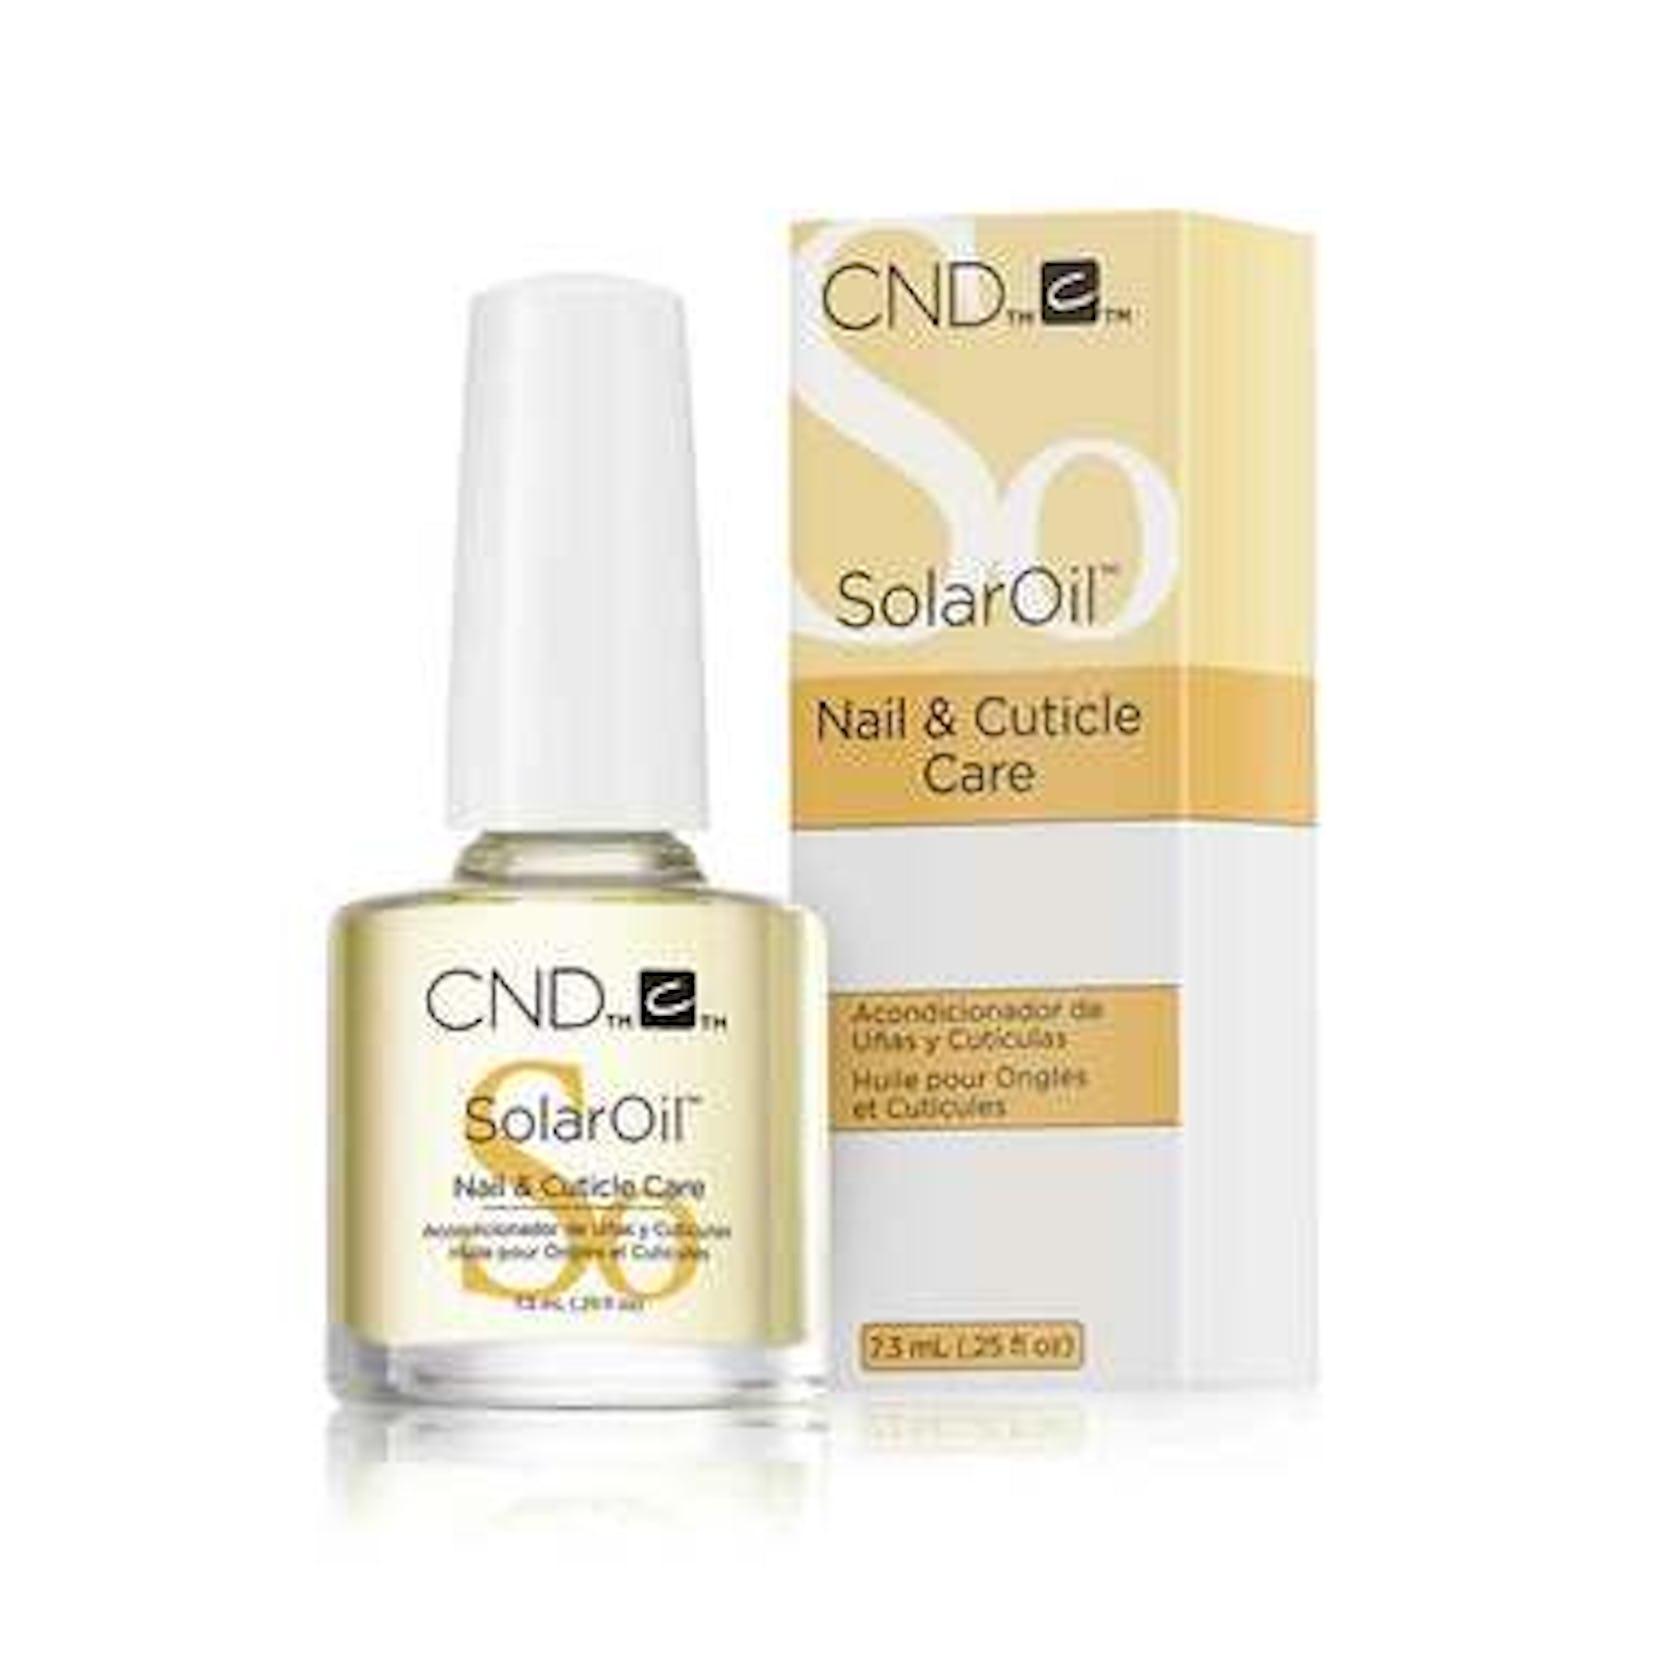 SolarOil Single (7.3 ml)